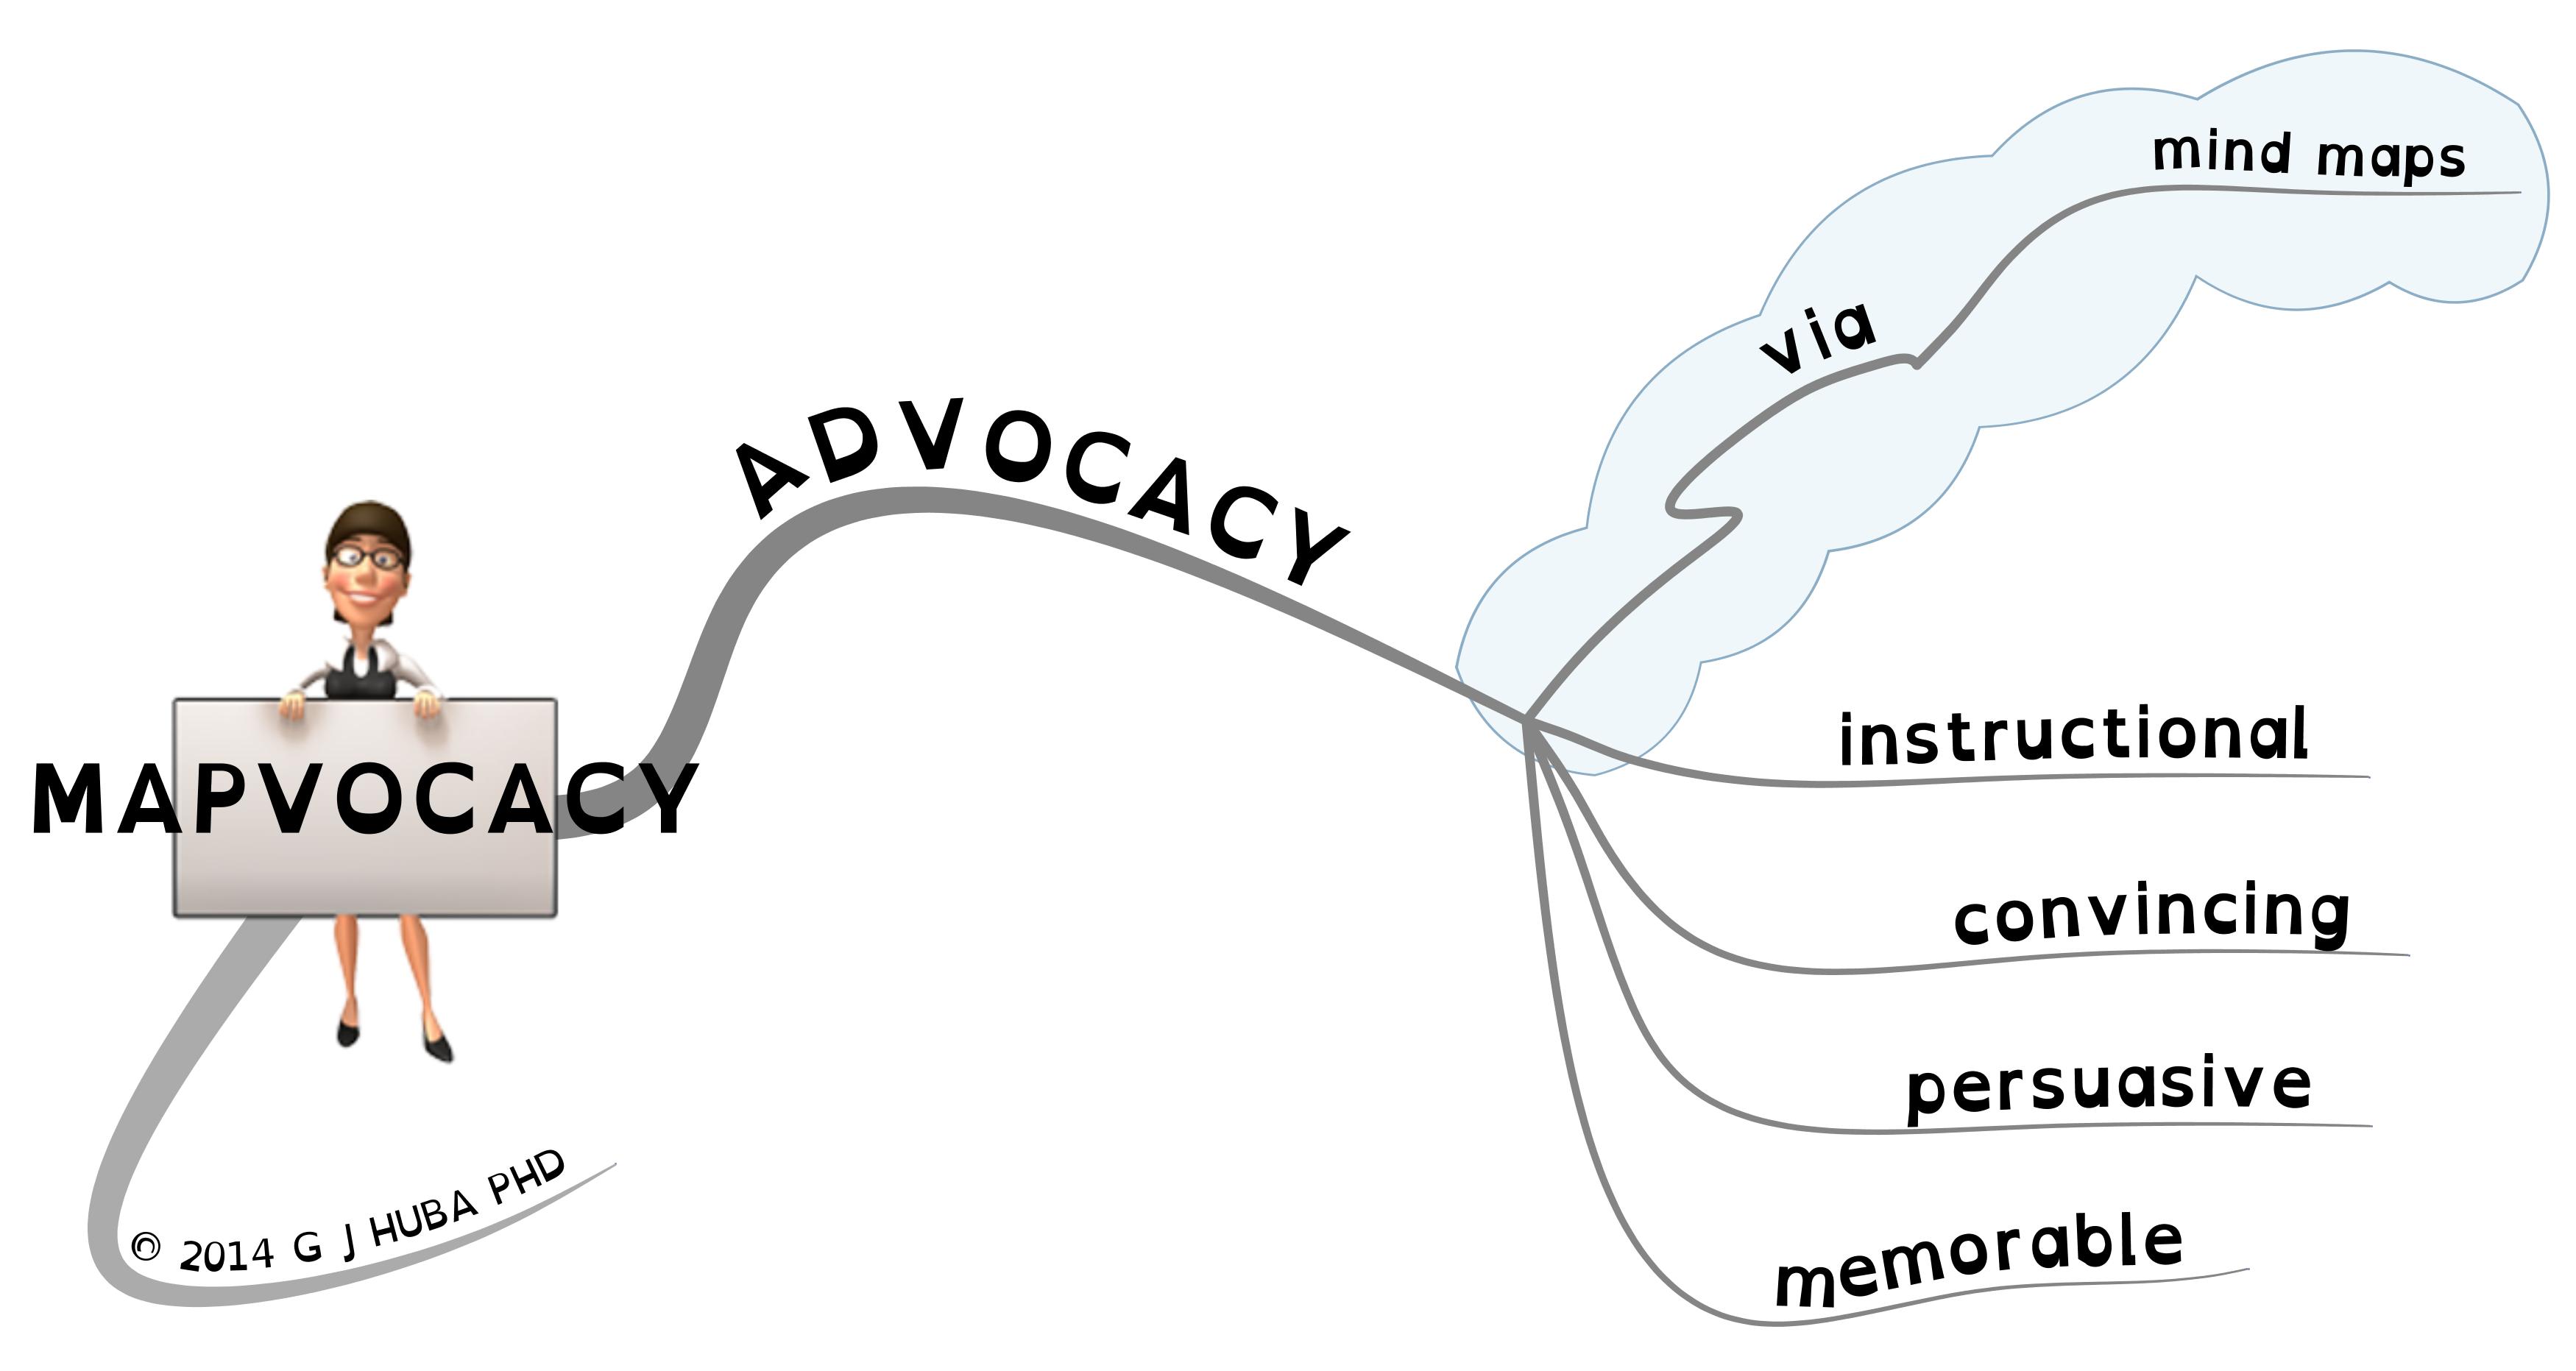 mapvocacy opendyslexicalta